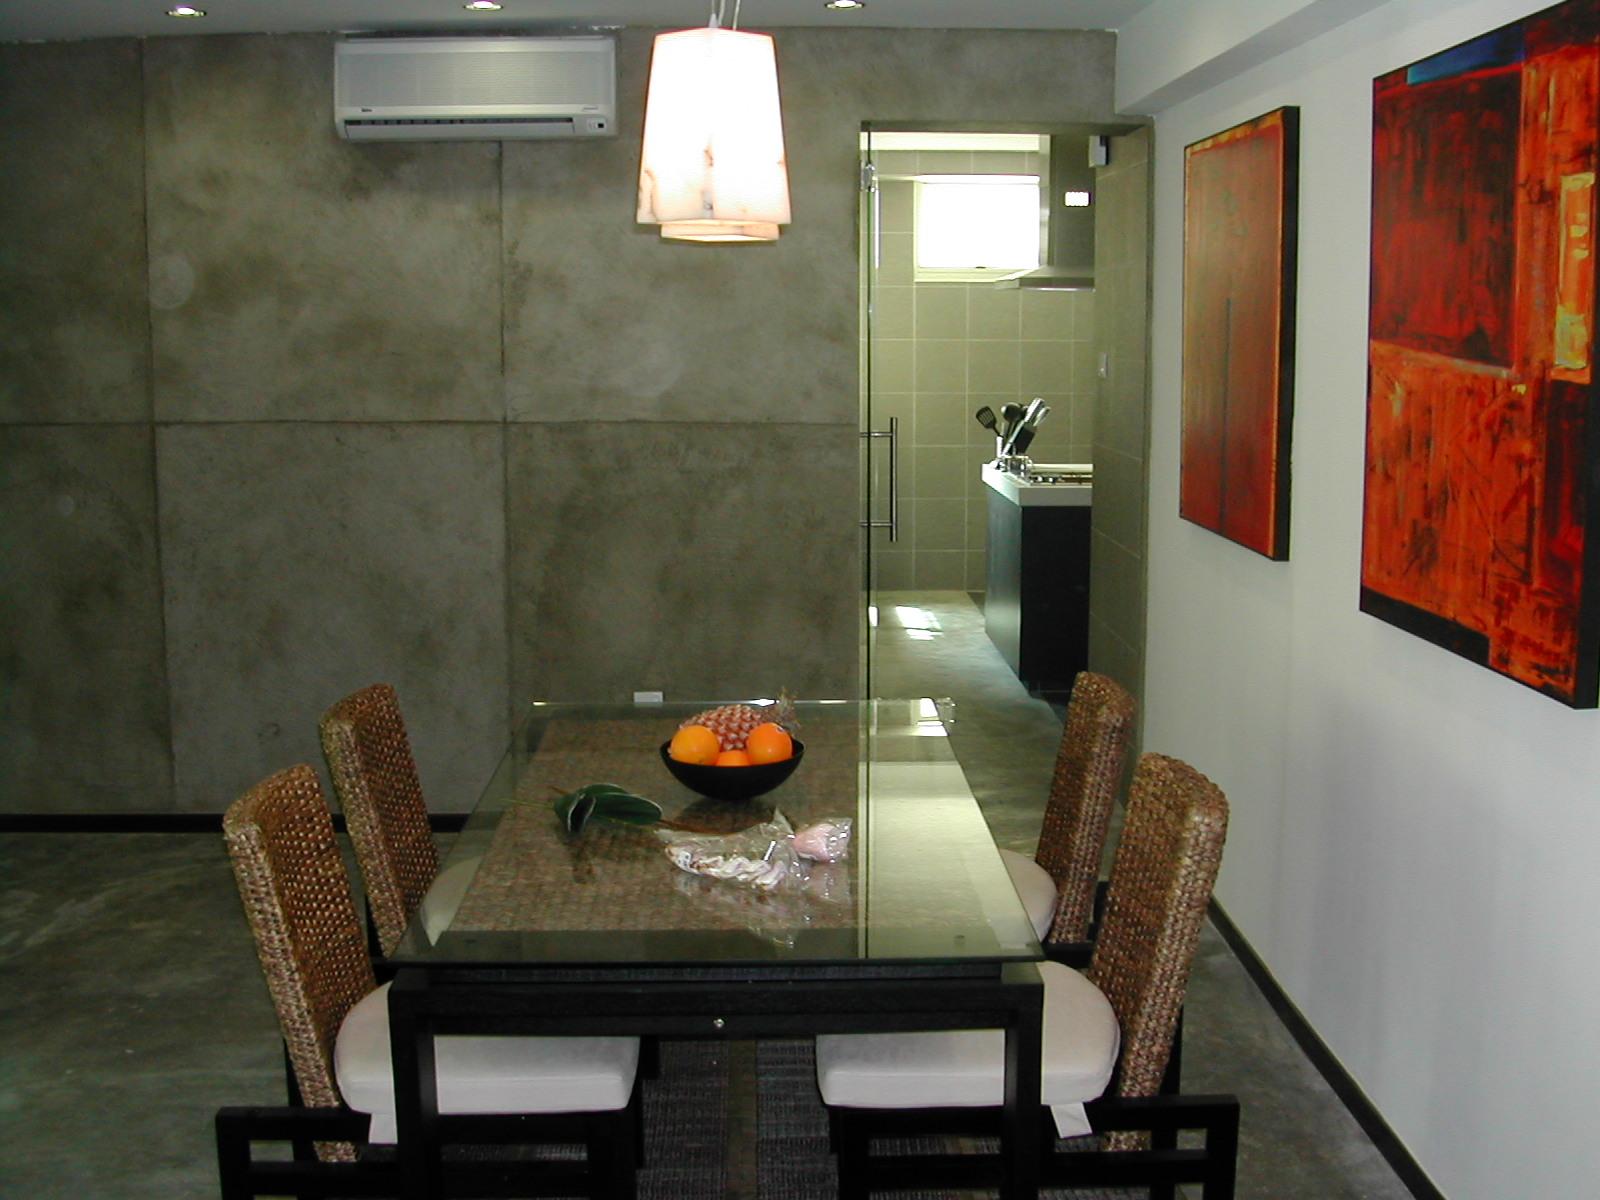 Surat Apartment Ishita JoshiIshita Joshi